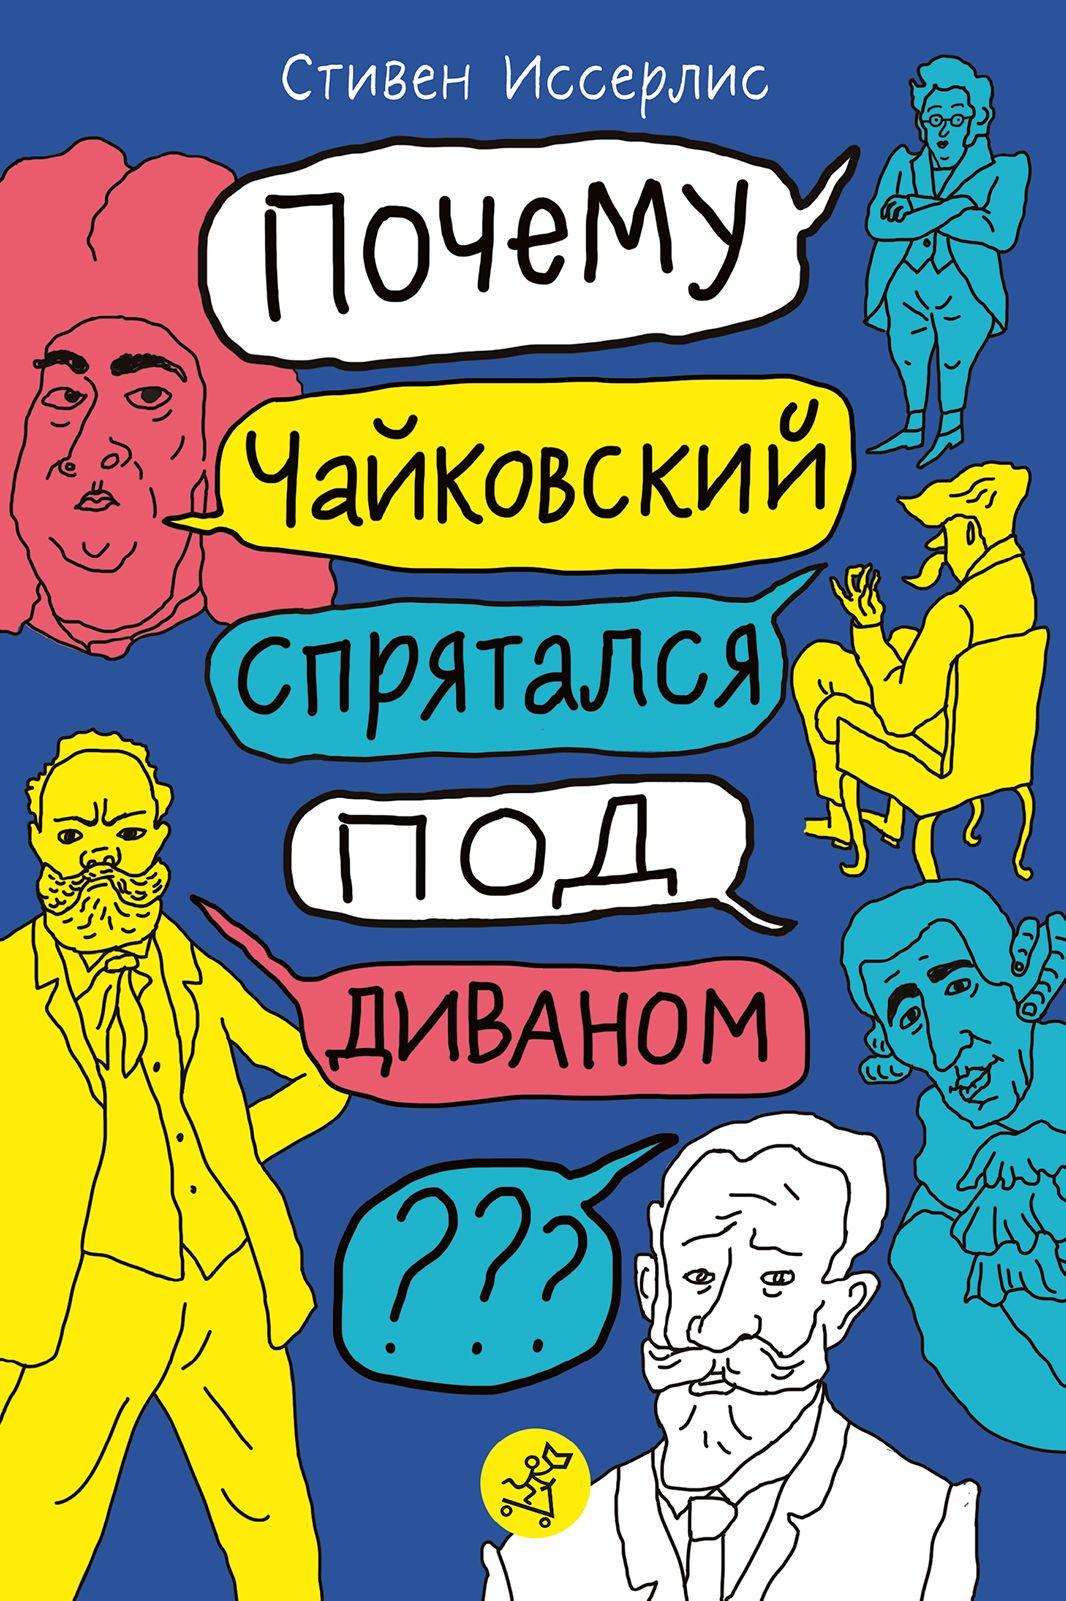 Почему Чайковский спрятался под диваном? Нескучные истории о композиторах и музыке